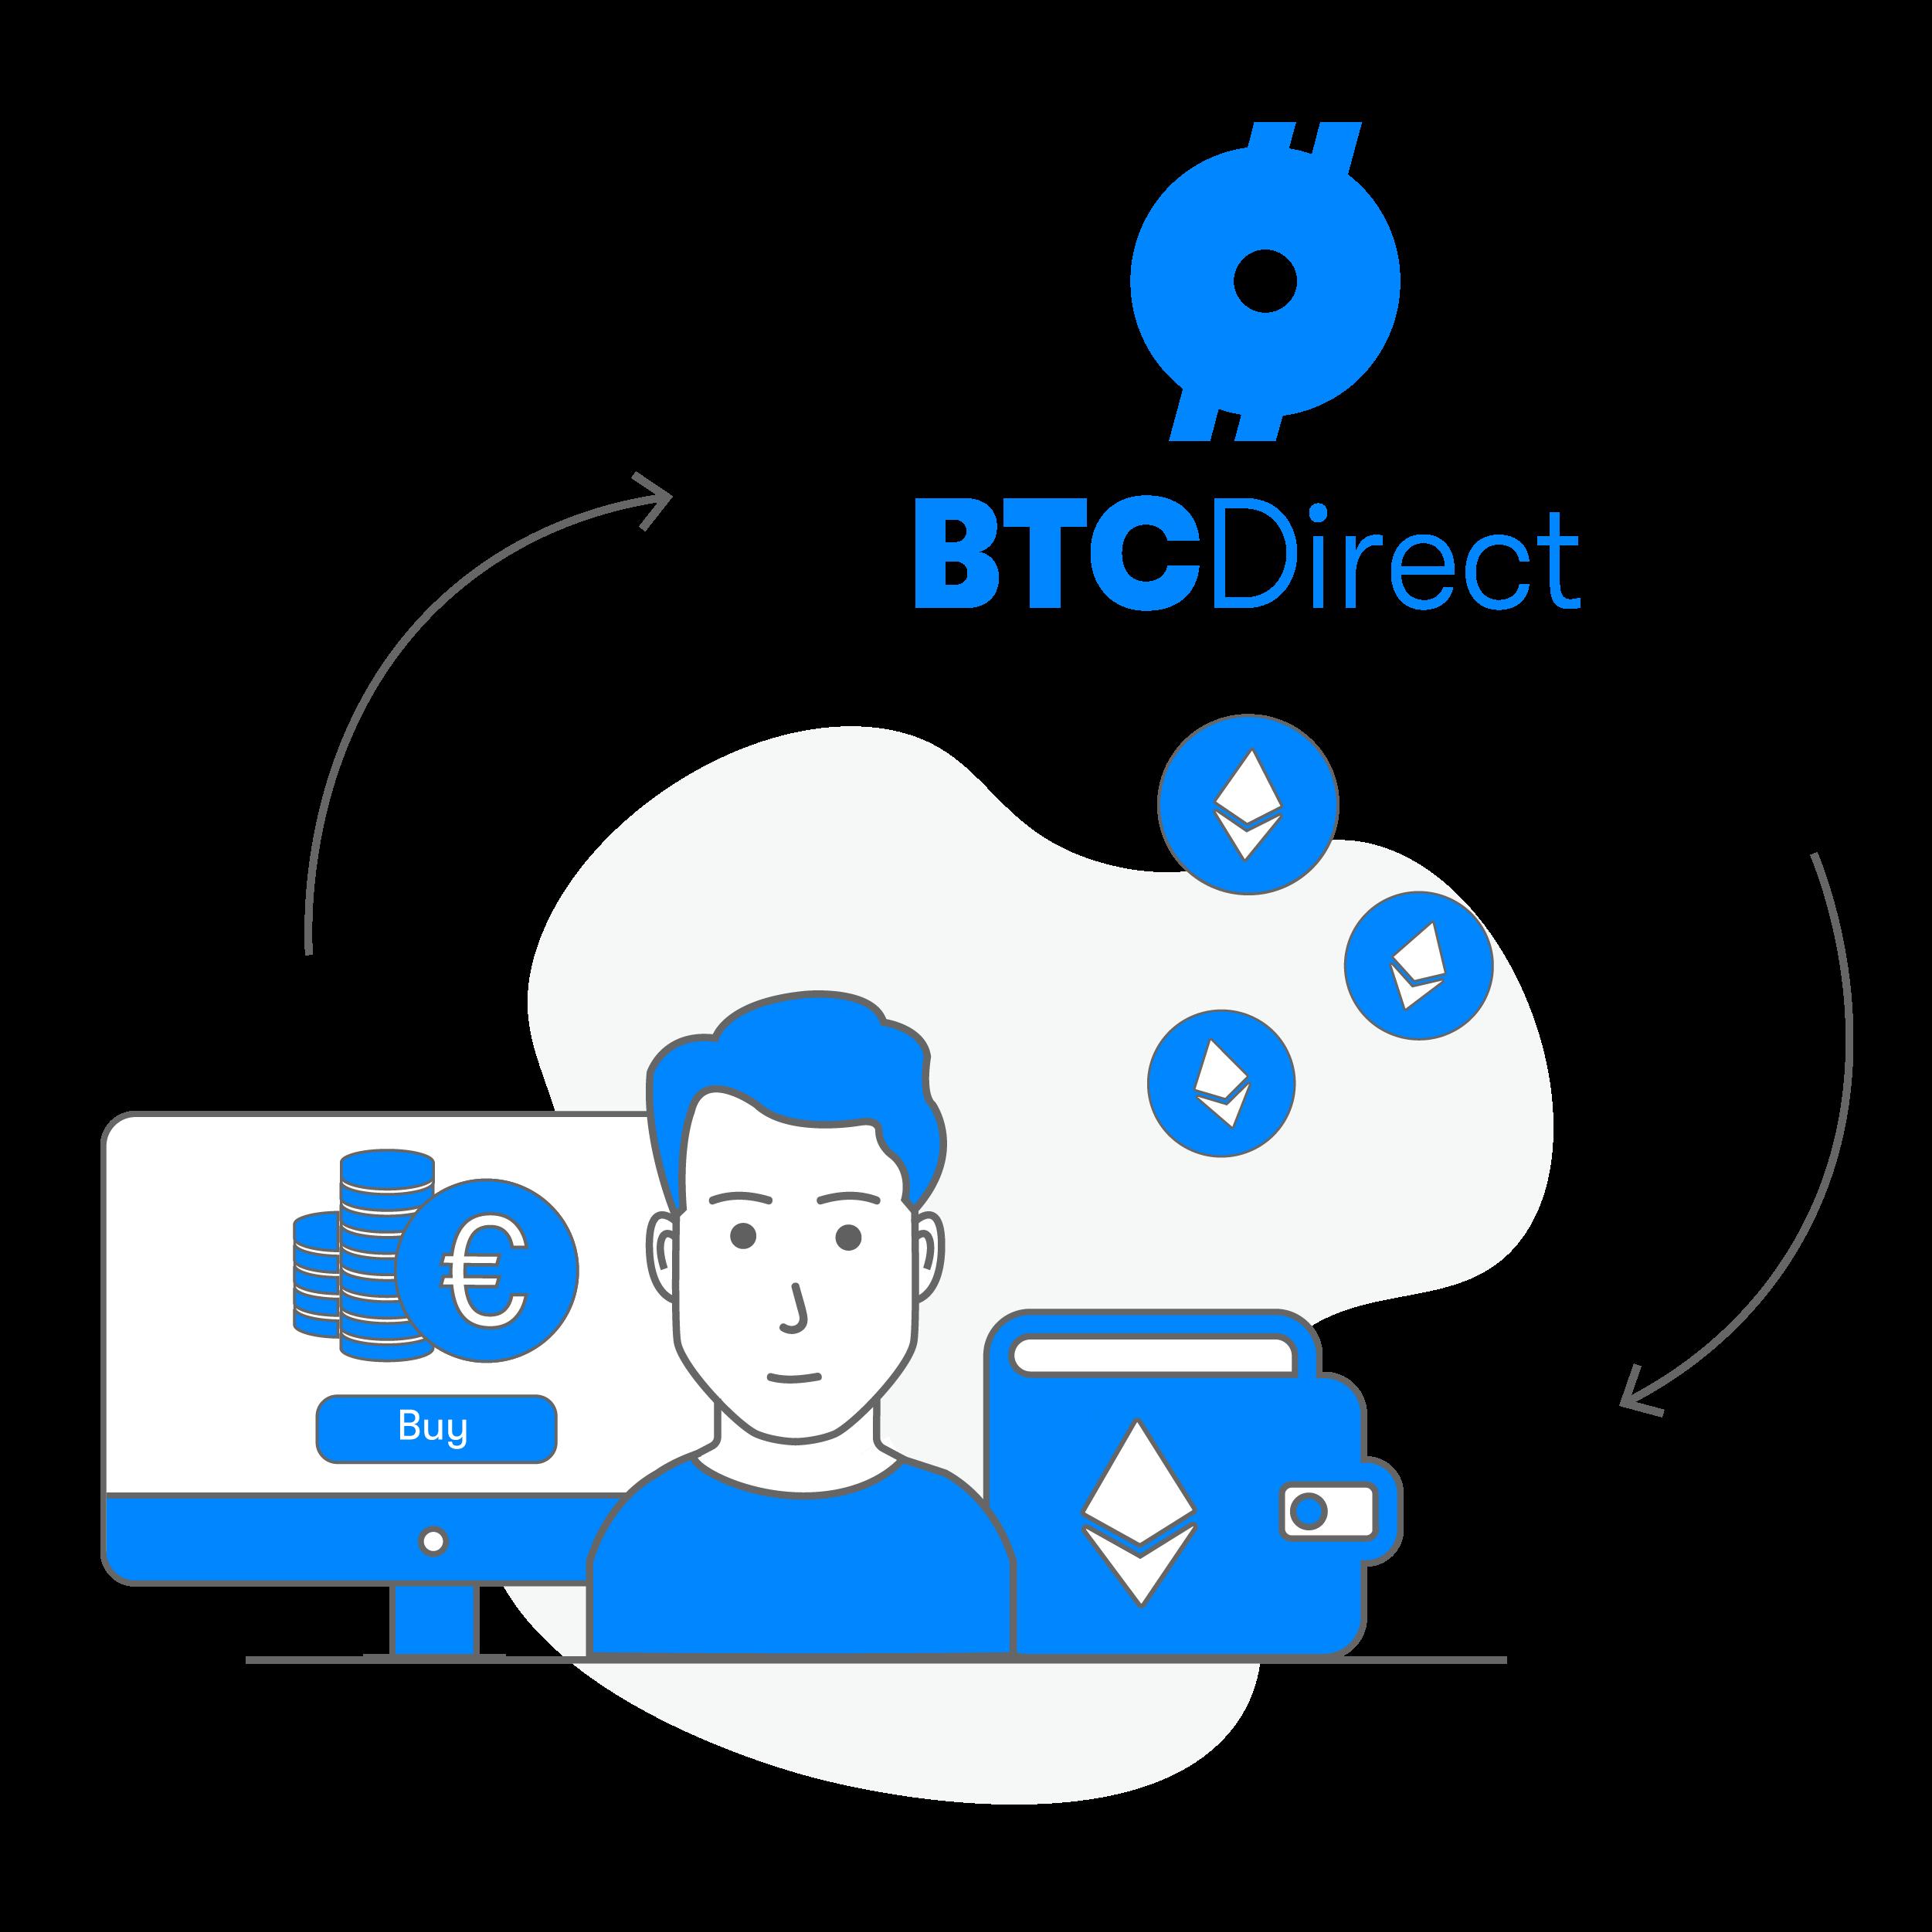 mieux choisir découvrir les dernières tendances prix le plus bas Ethereum wallet - créer un compte Ethereum | BTC Direct